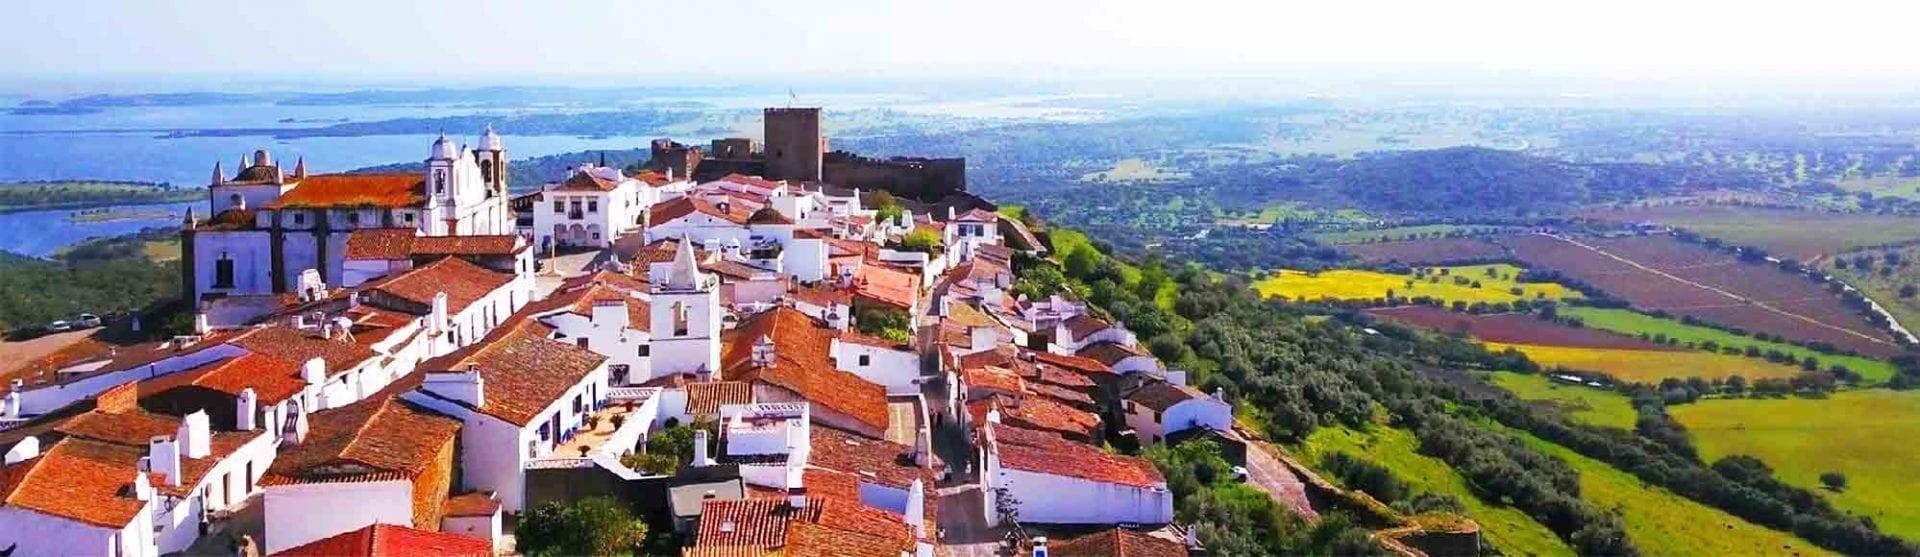 Alentejo Portugal's time capsule